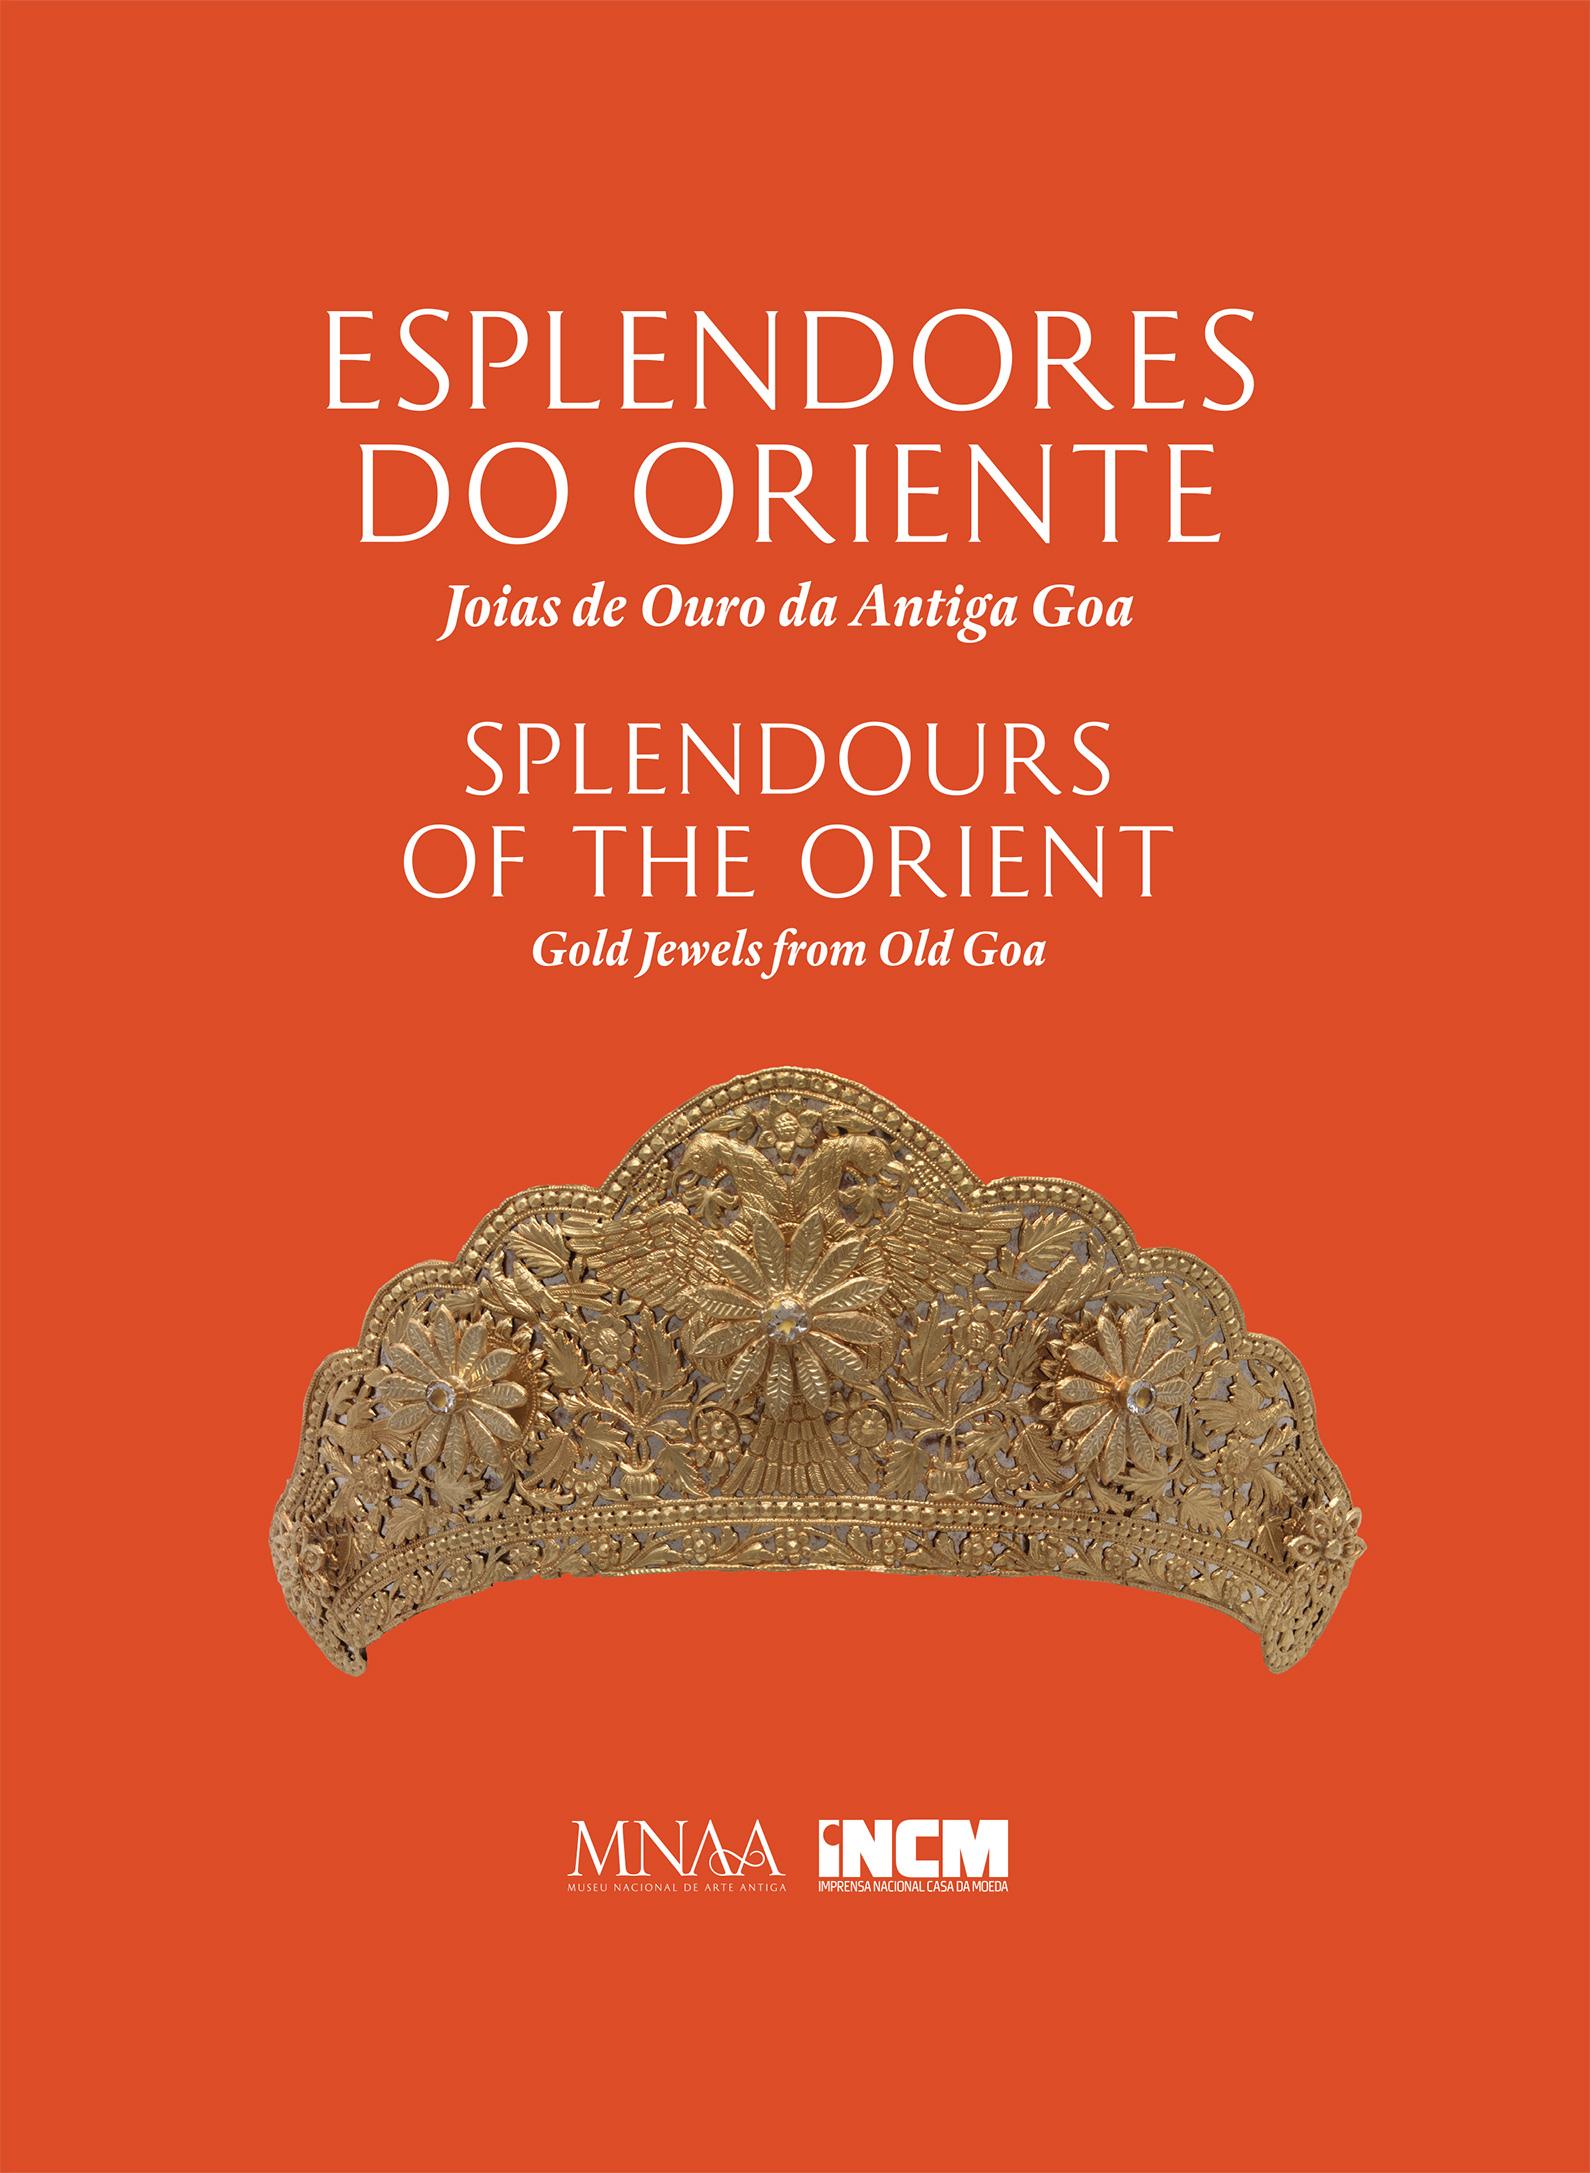 Catálogo da Exposição Esplendores do Oriente Joias de Ouro da Antiga Goa